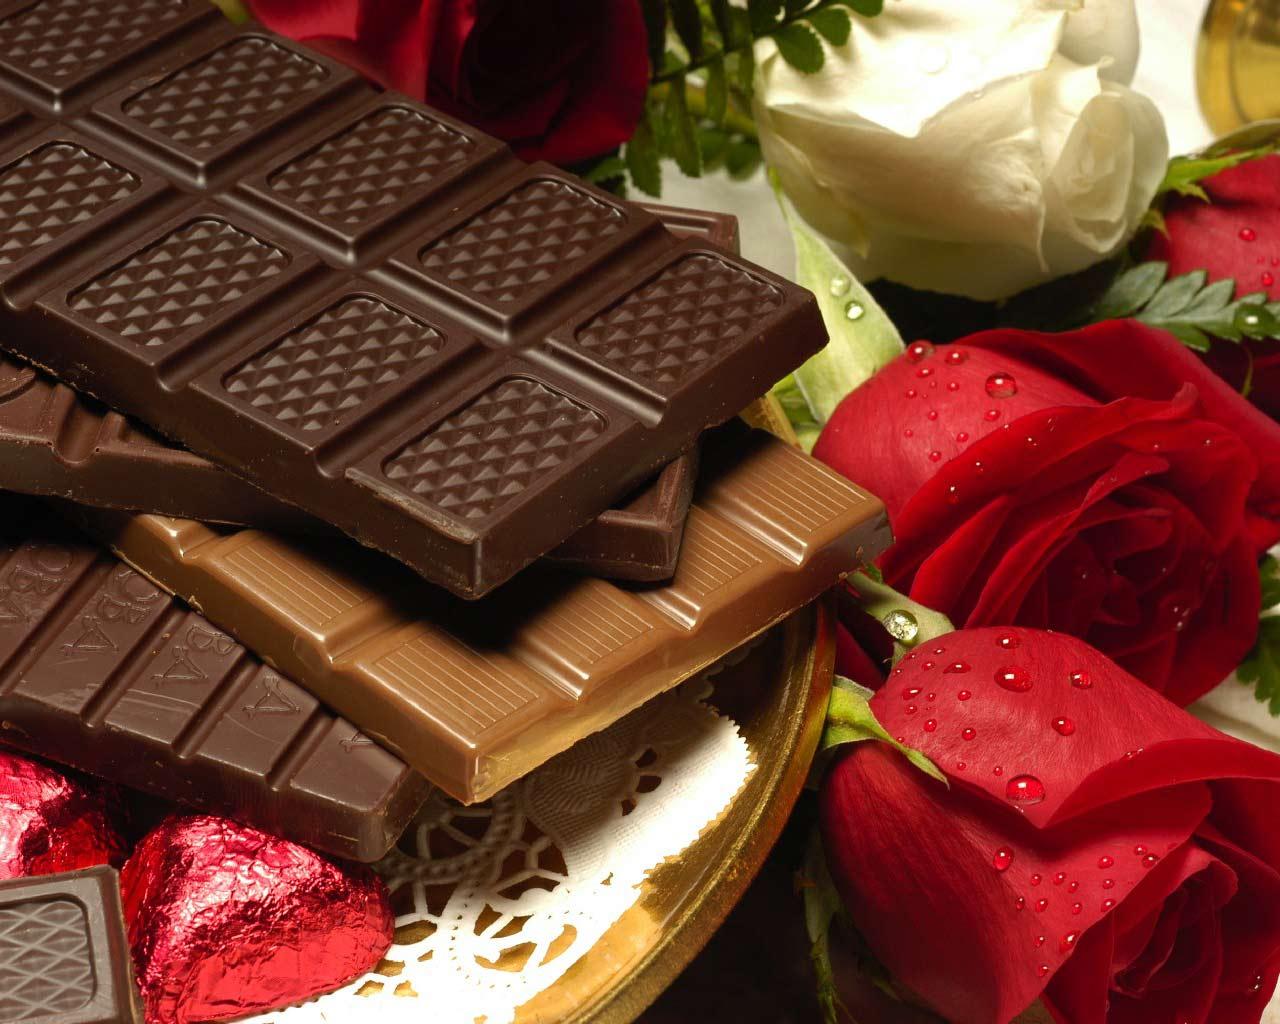 الشوكولاتة تقلل من مخاطر القلب